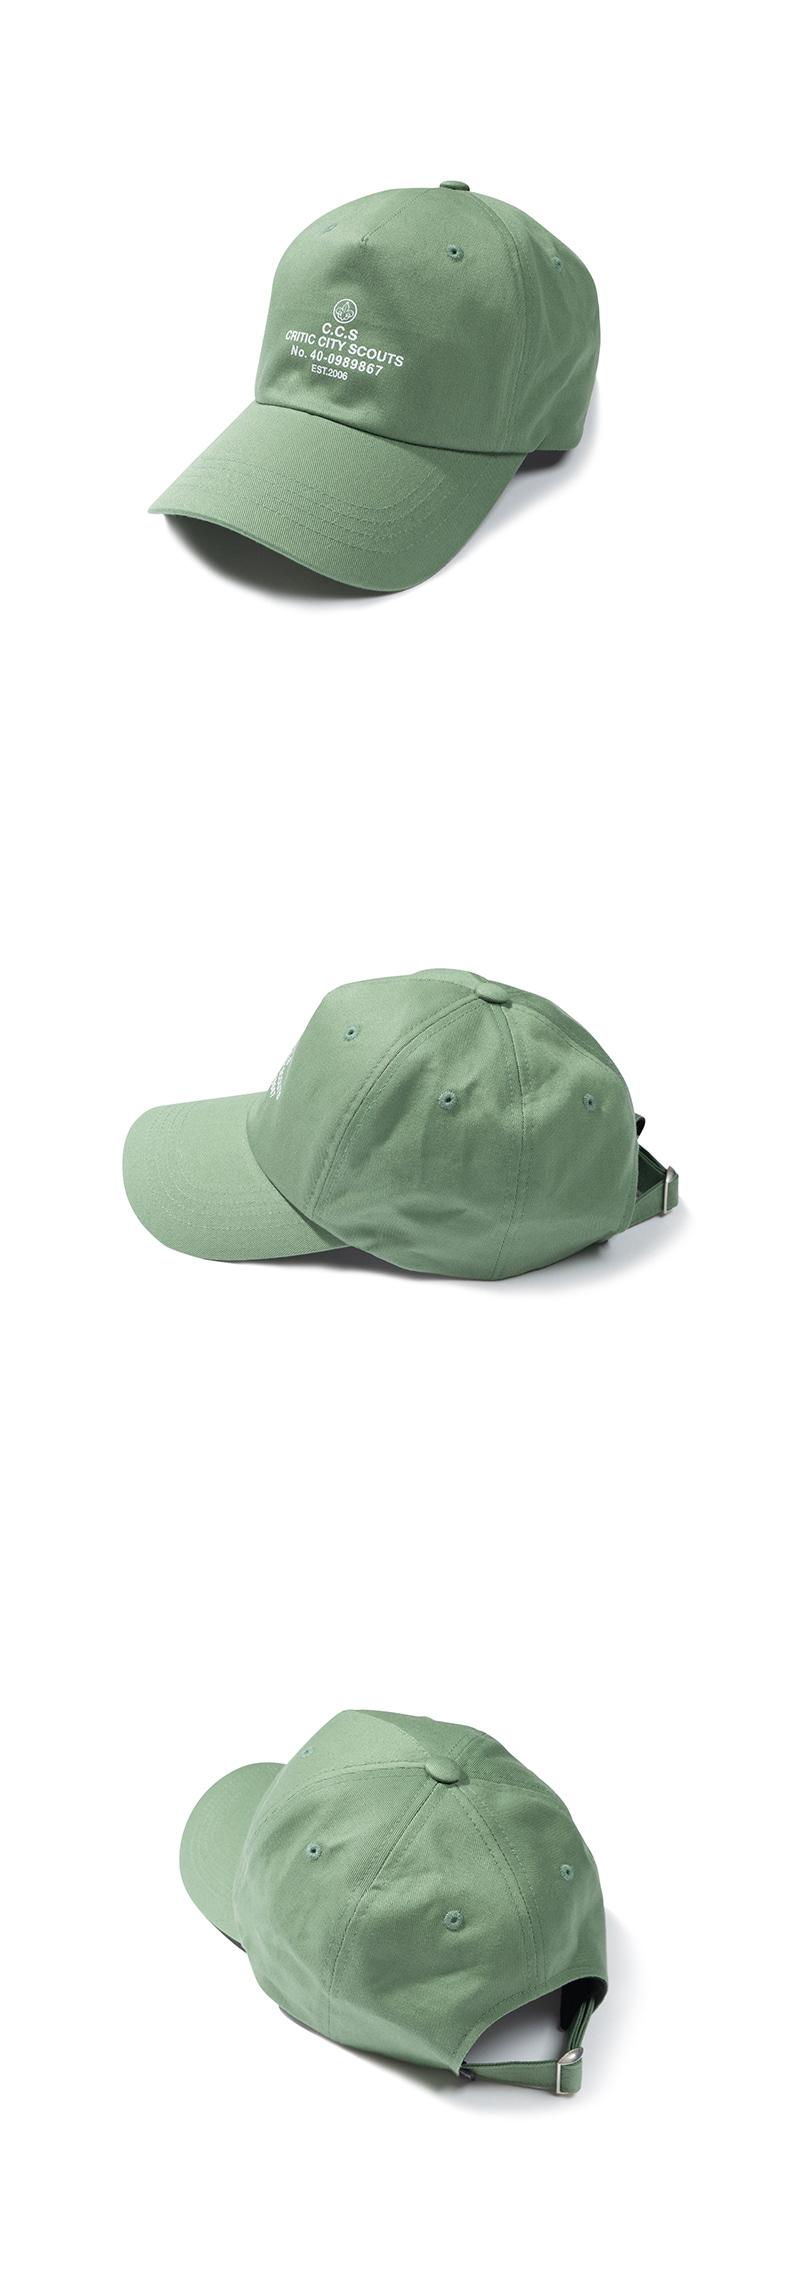 크리틱(CRITIC) CITY SCOUT LOGO BALL CAP(LIGHT MINT)_CTTZAHW03UG5